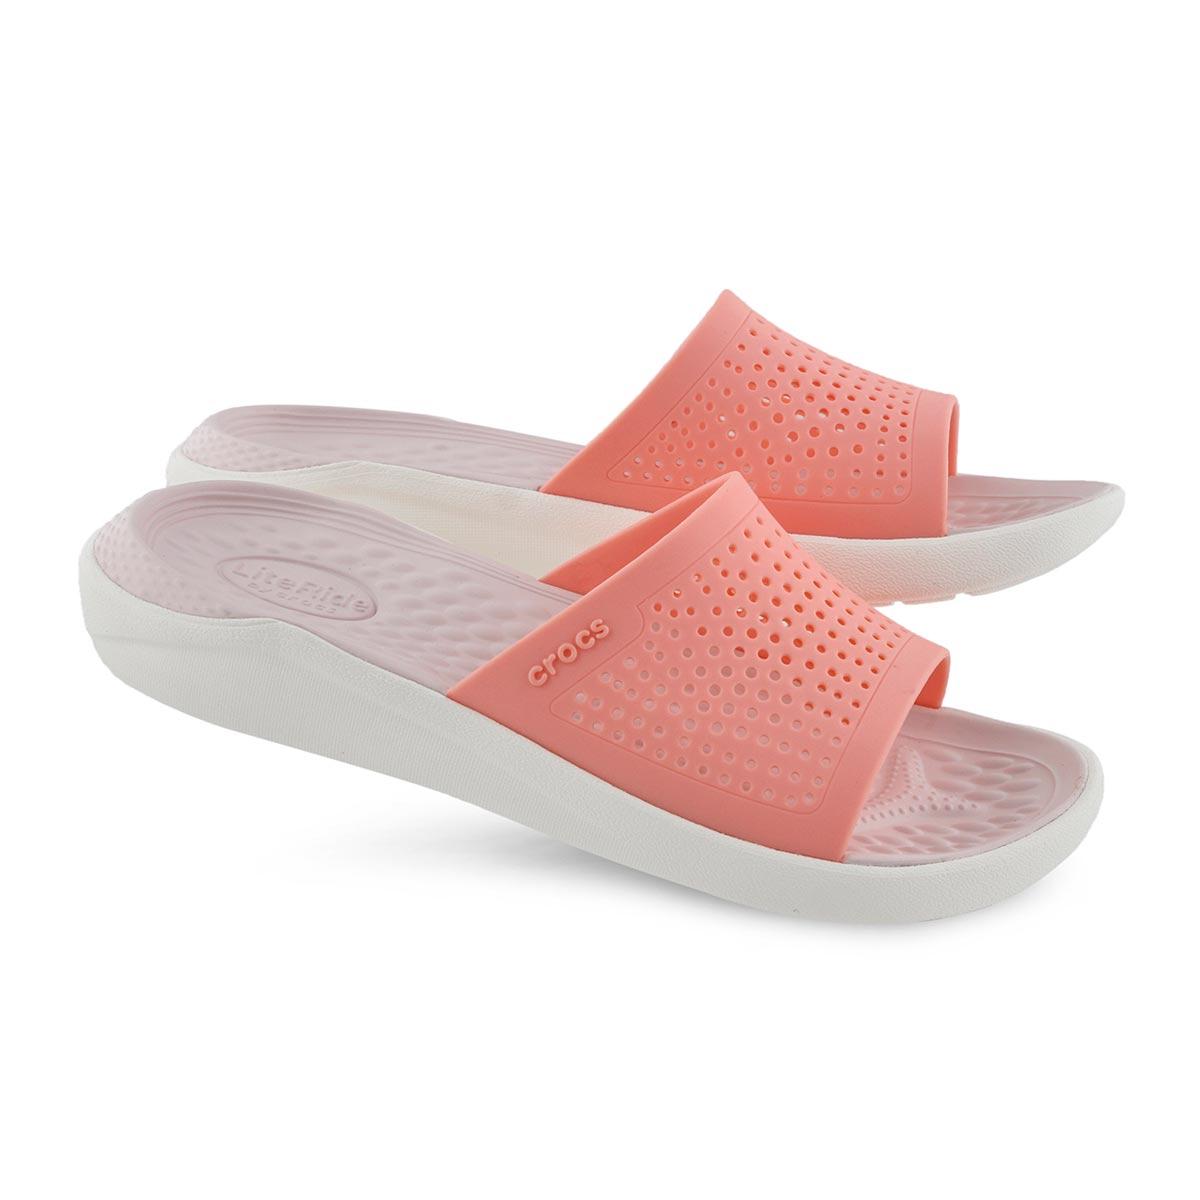 Lds LiteRide melon/wht slide sandal